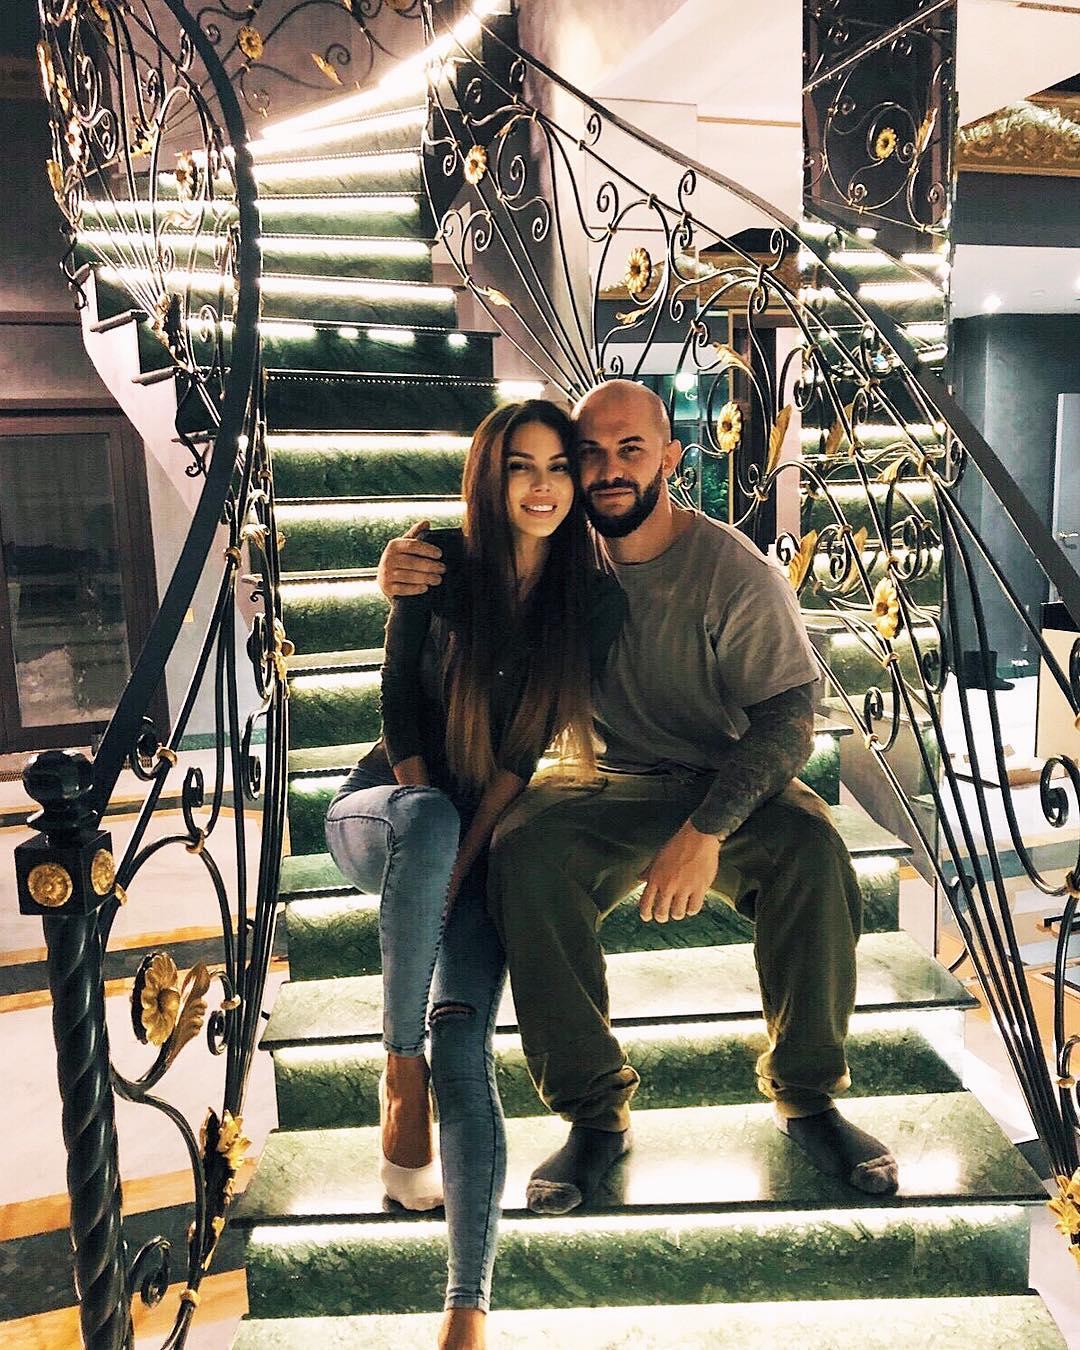 Оксана Самойлова и рэпер Джиган выставили на продажу свой роскошный трехэтажный особняк в Подмосковье